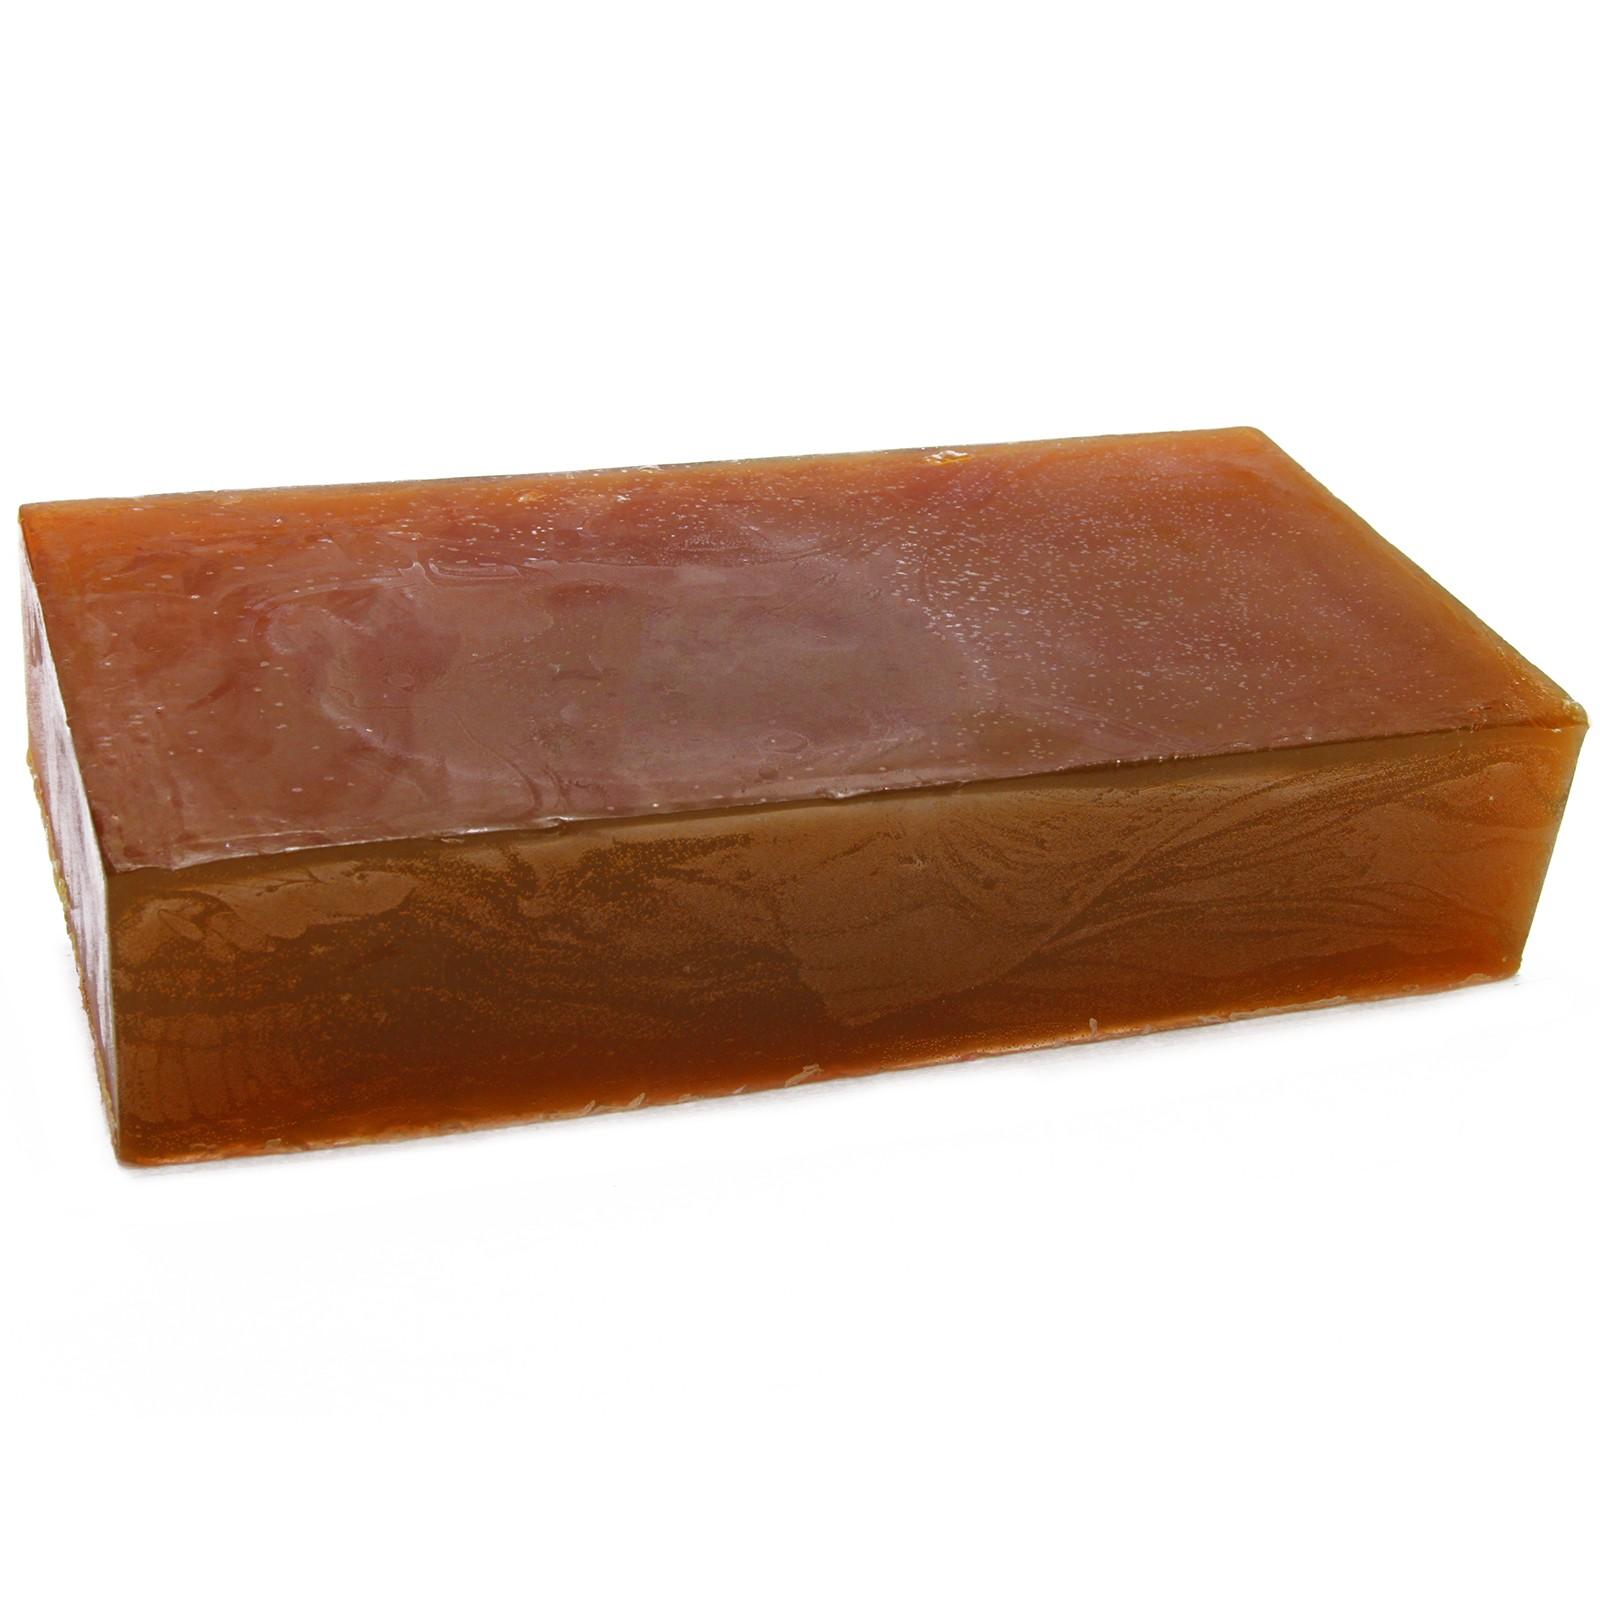 Ginger and Clove Essential Oil Soap Loaf 2kg